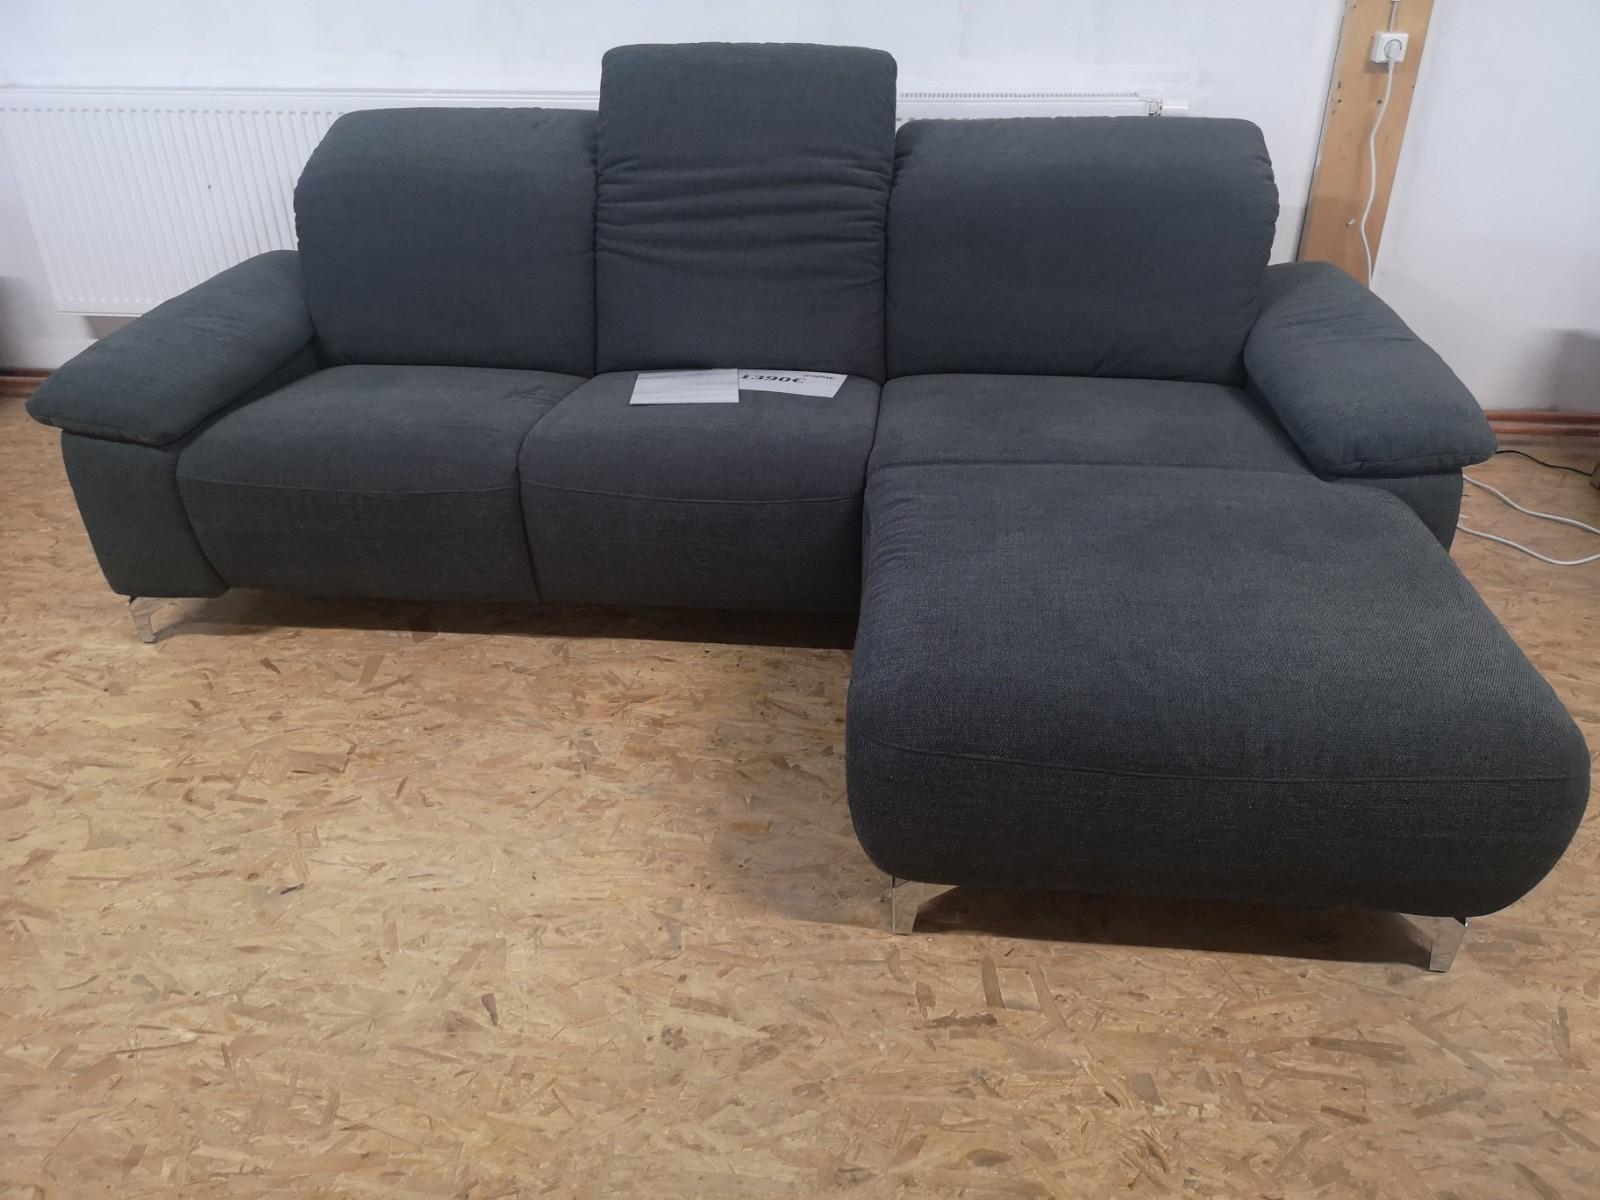 Full Size of Warum Ist Mein Sofa Elektrisch Geladen Elektrische Sitztiefenverstellung Erfahrungen Couch Was Tun Elektrischer Sitzvorzug Durch Aufgeladen Statisch Ausfahrbar Sofa Sofa Elektrisch